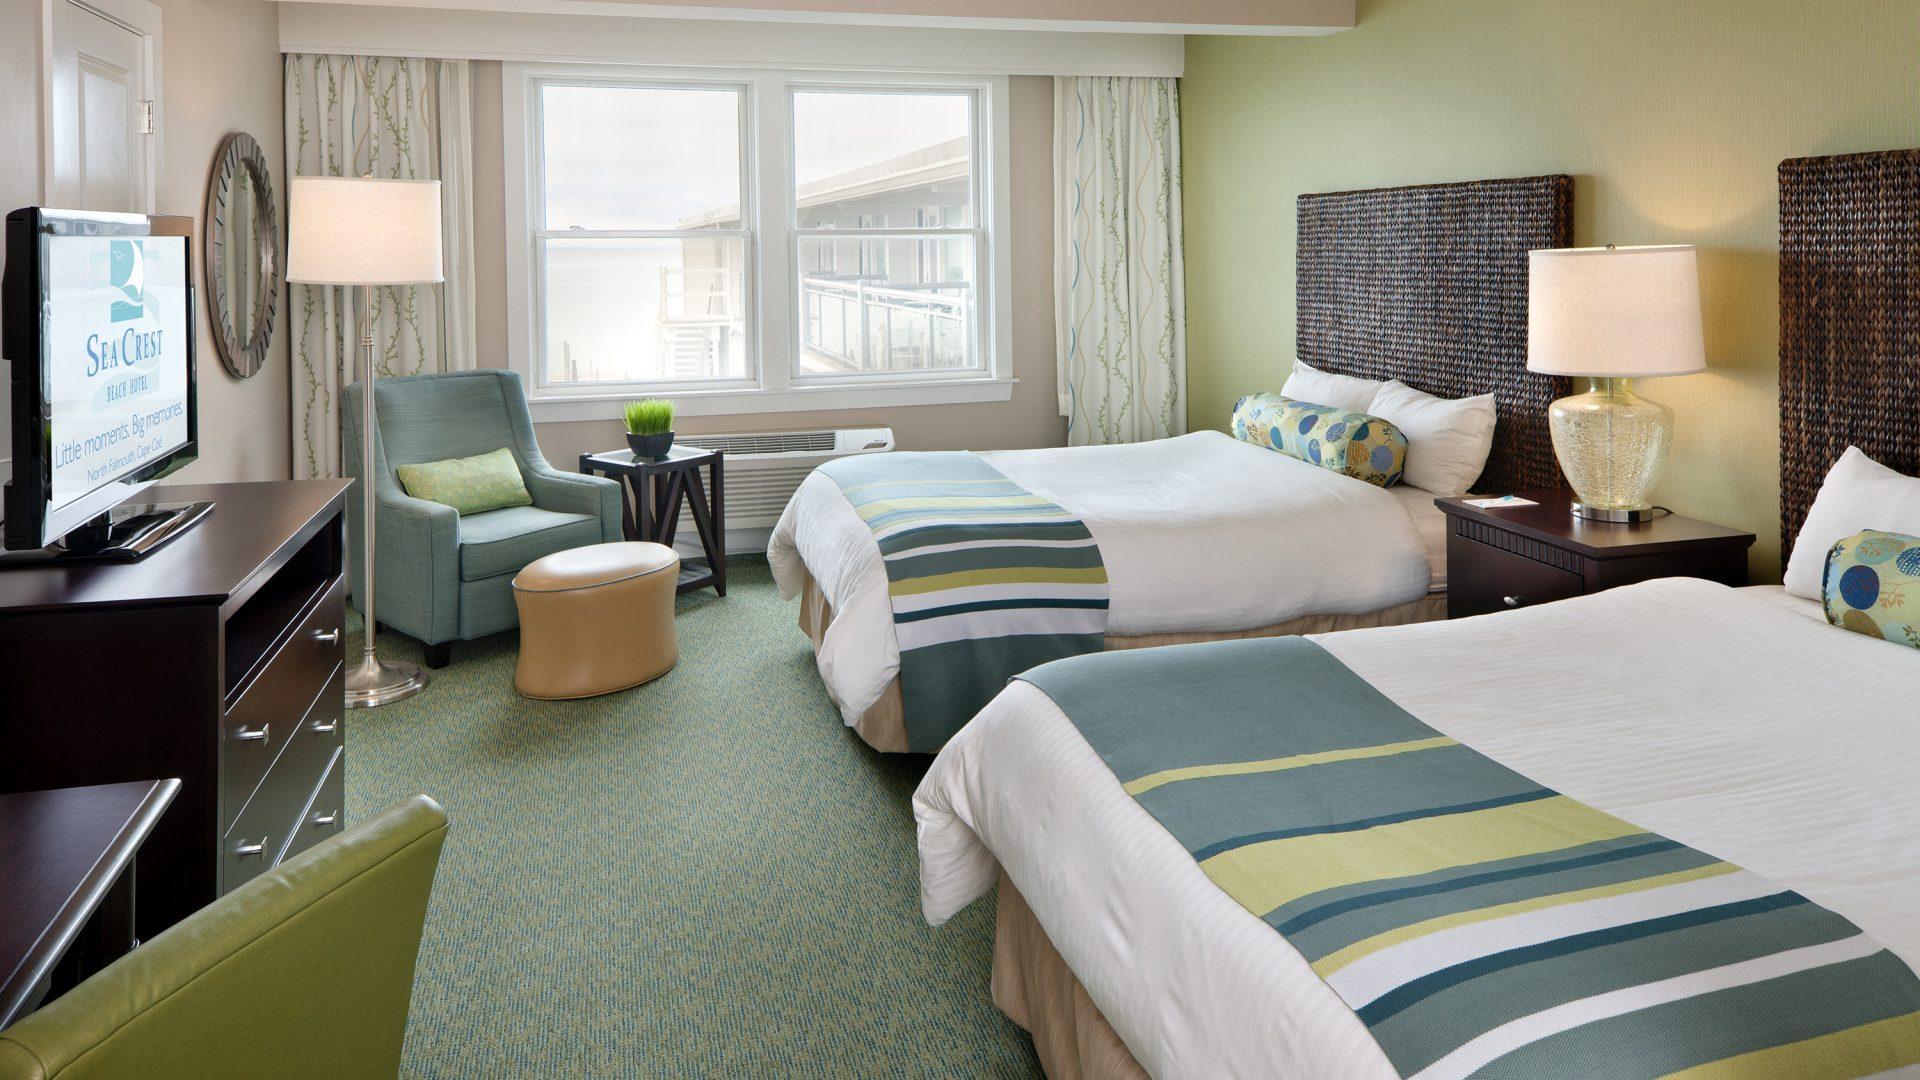 Sea Crest Falmouth MA hotel room